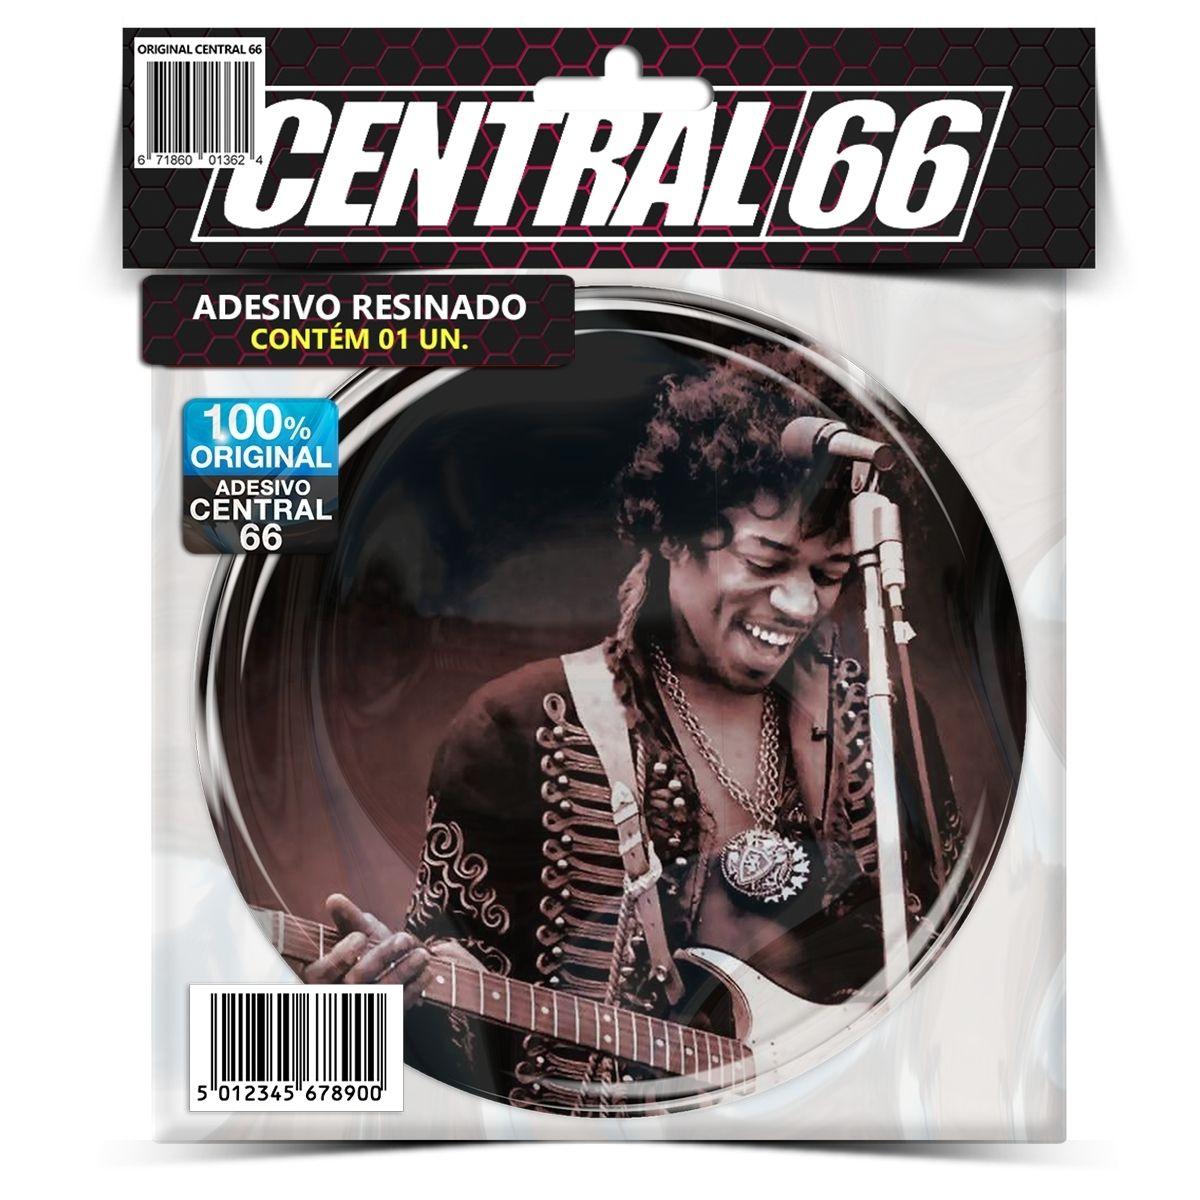 Adesivo Redondo caveira Pearl Jam – Central 66